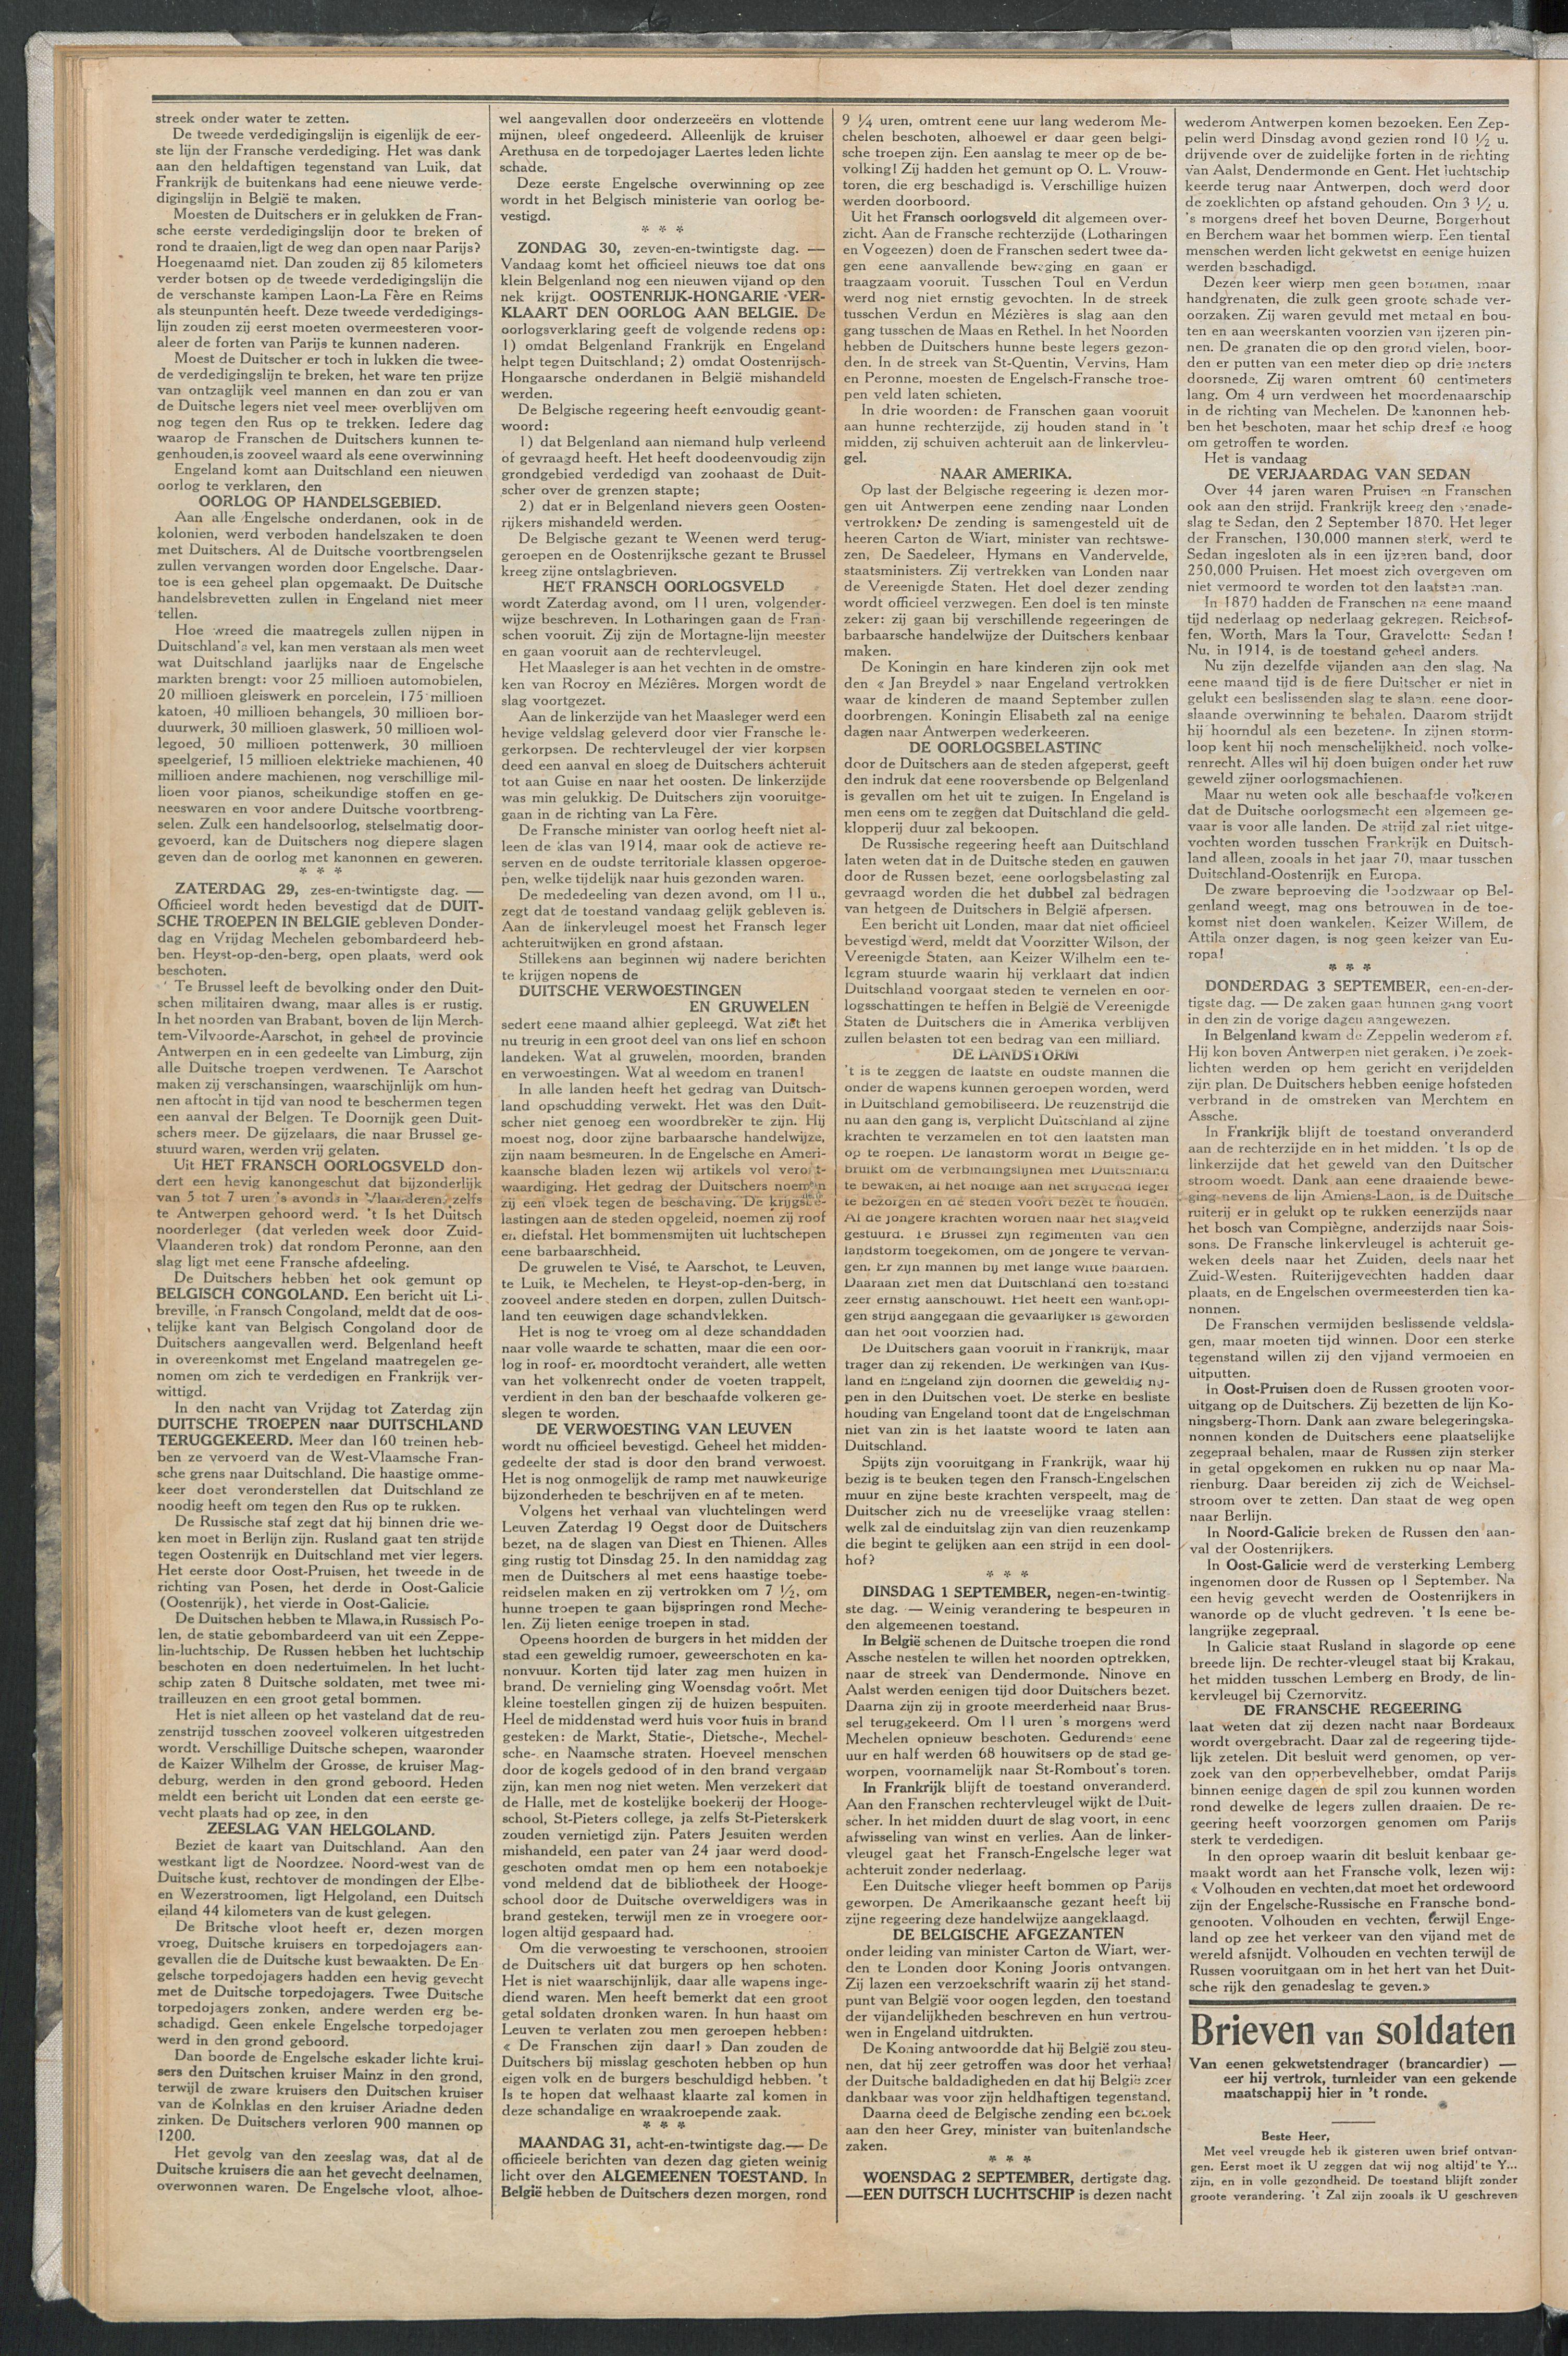 Het Kortrijksche Volk 1914-09-06 p2